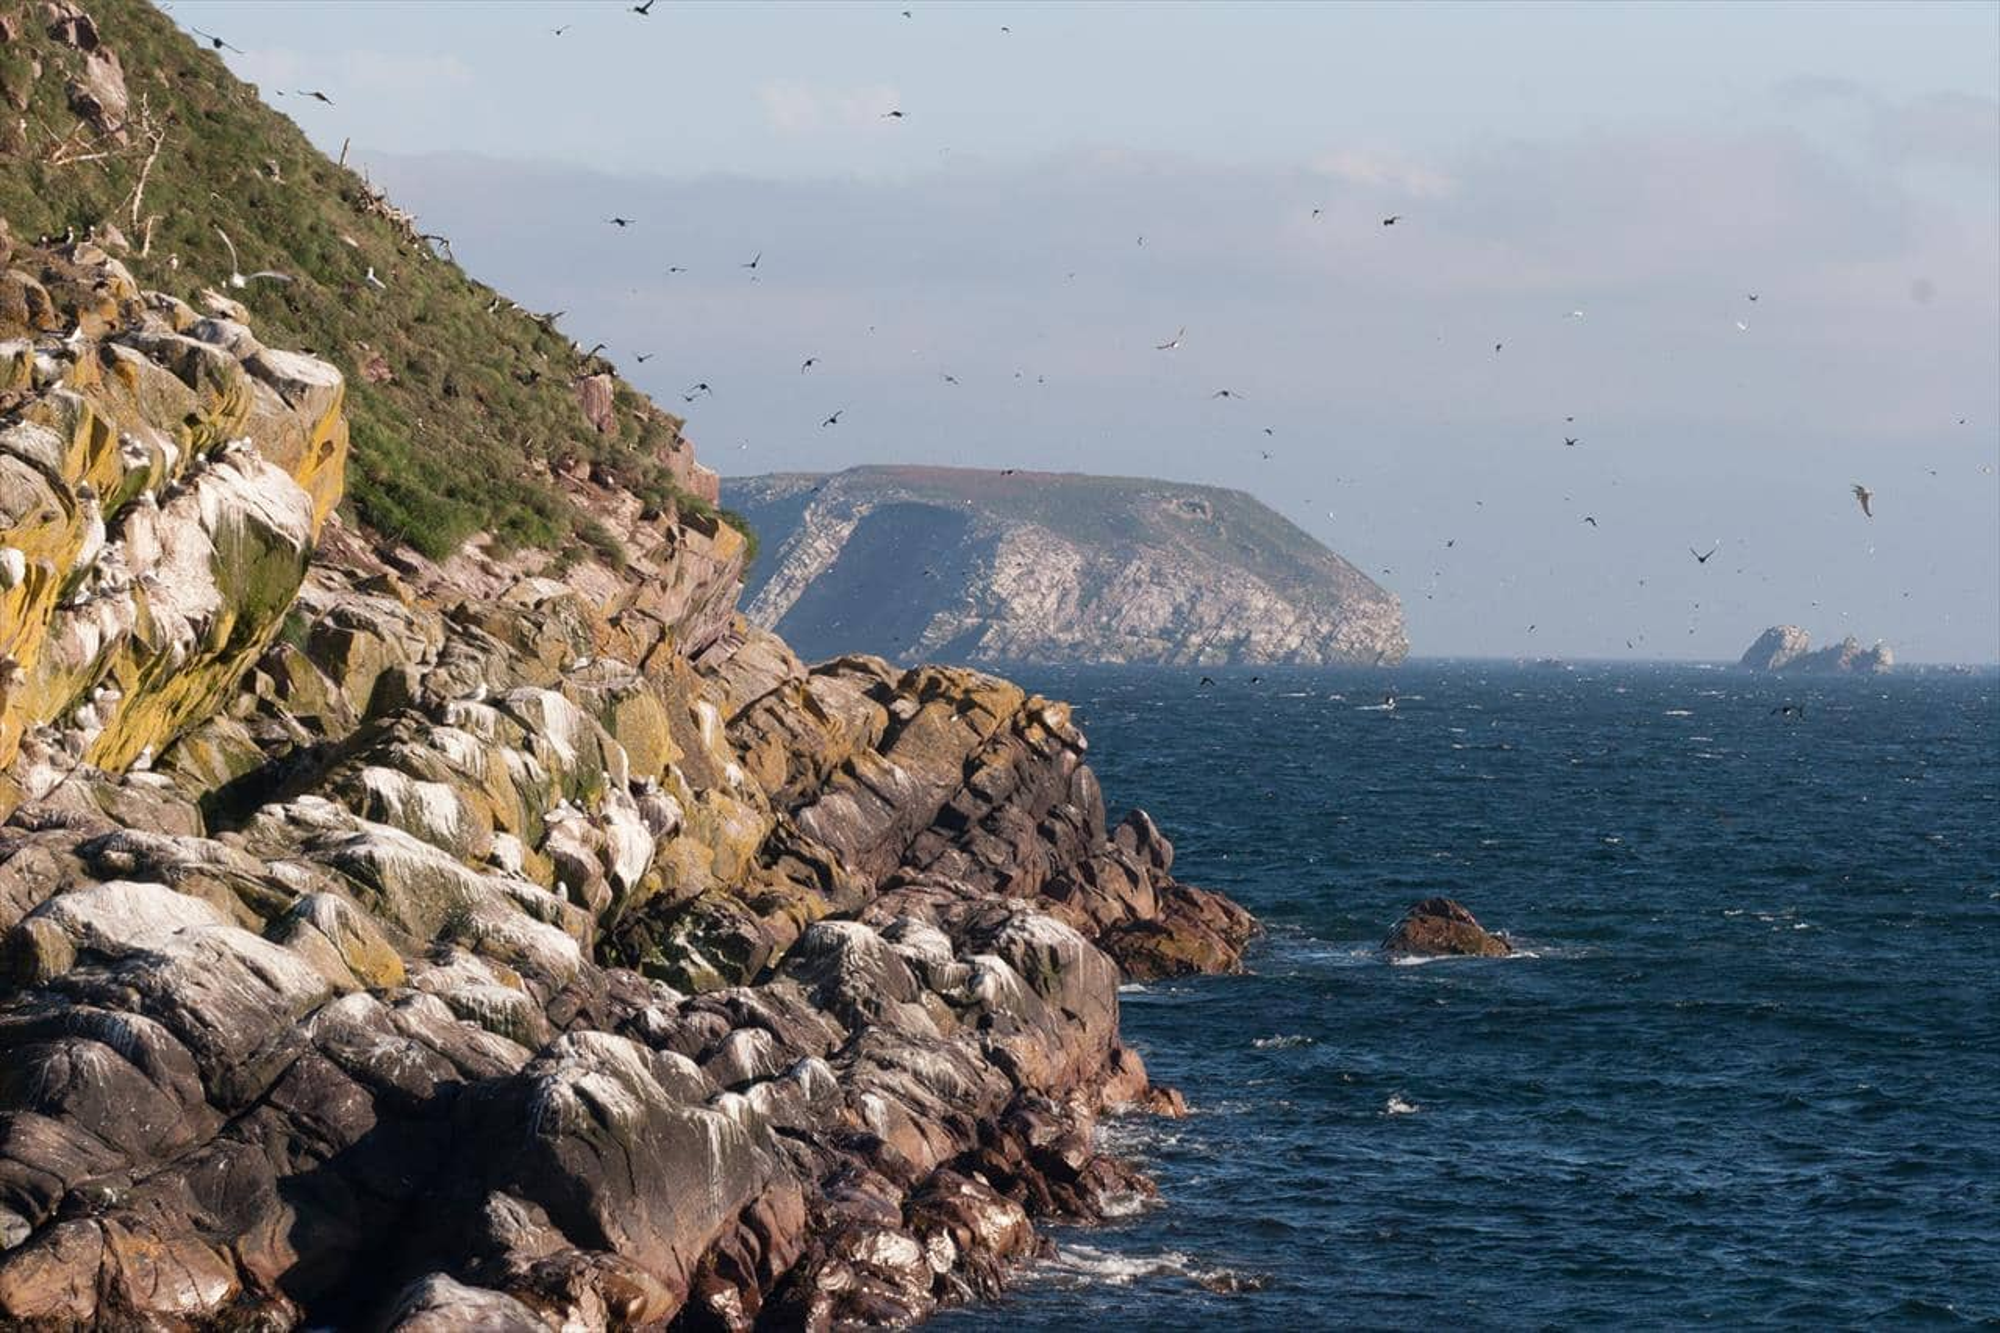 Birds on the Coastline